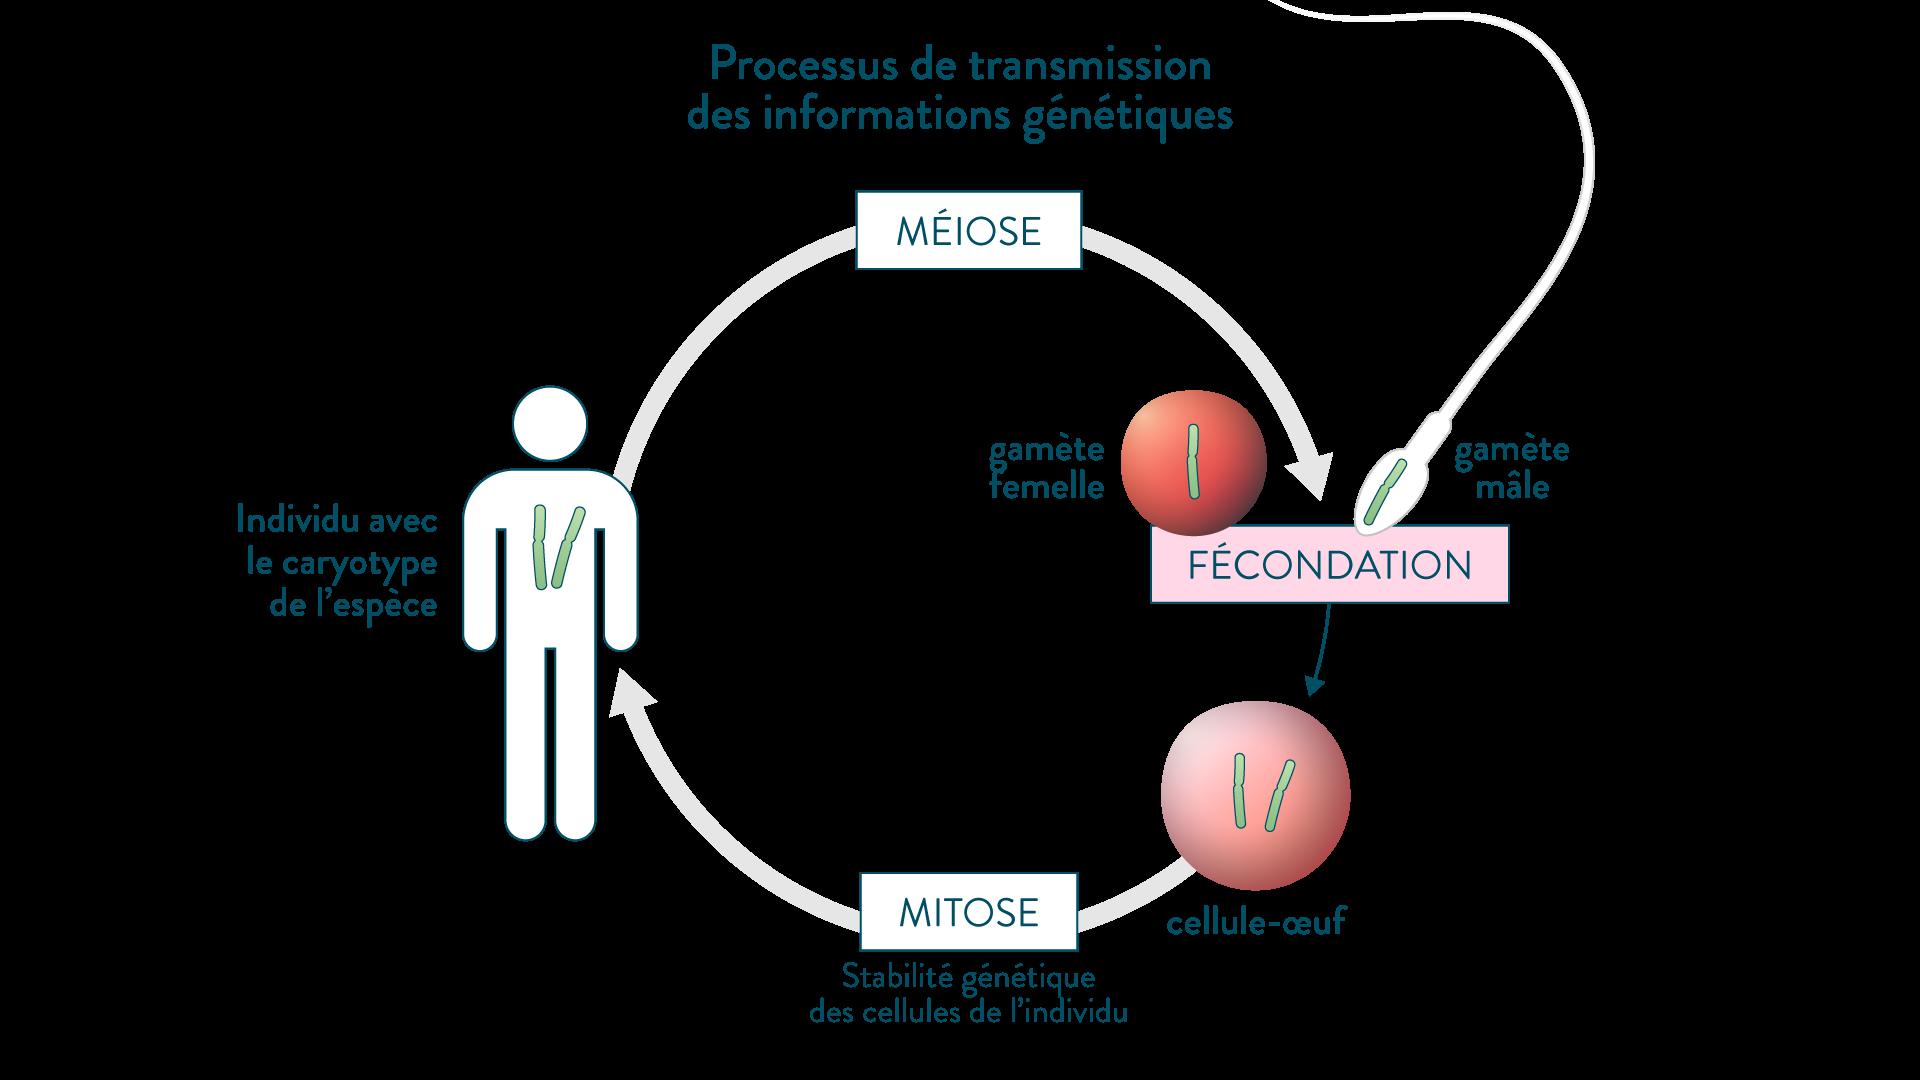 Processus de transmission des informations génétiques